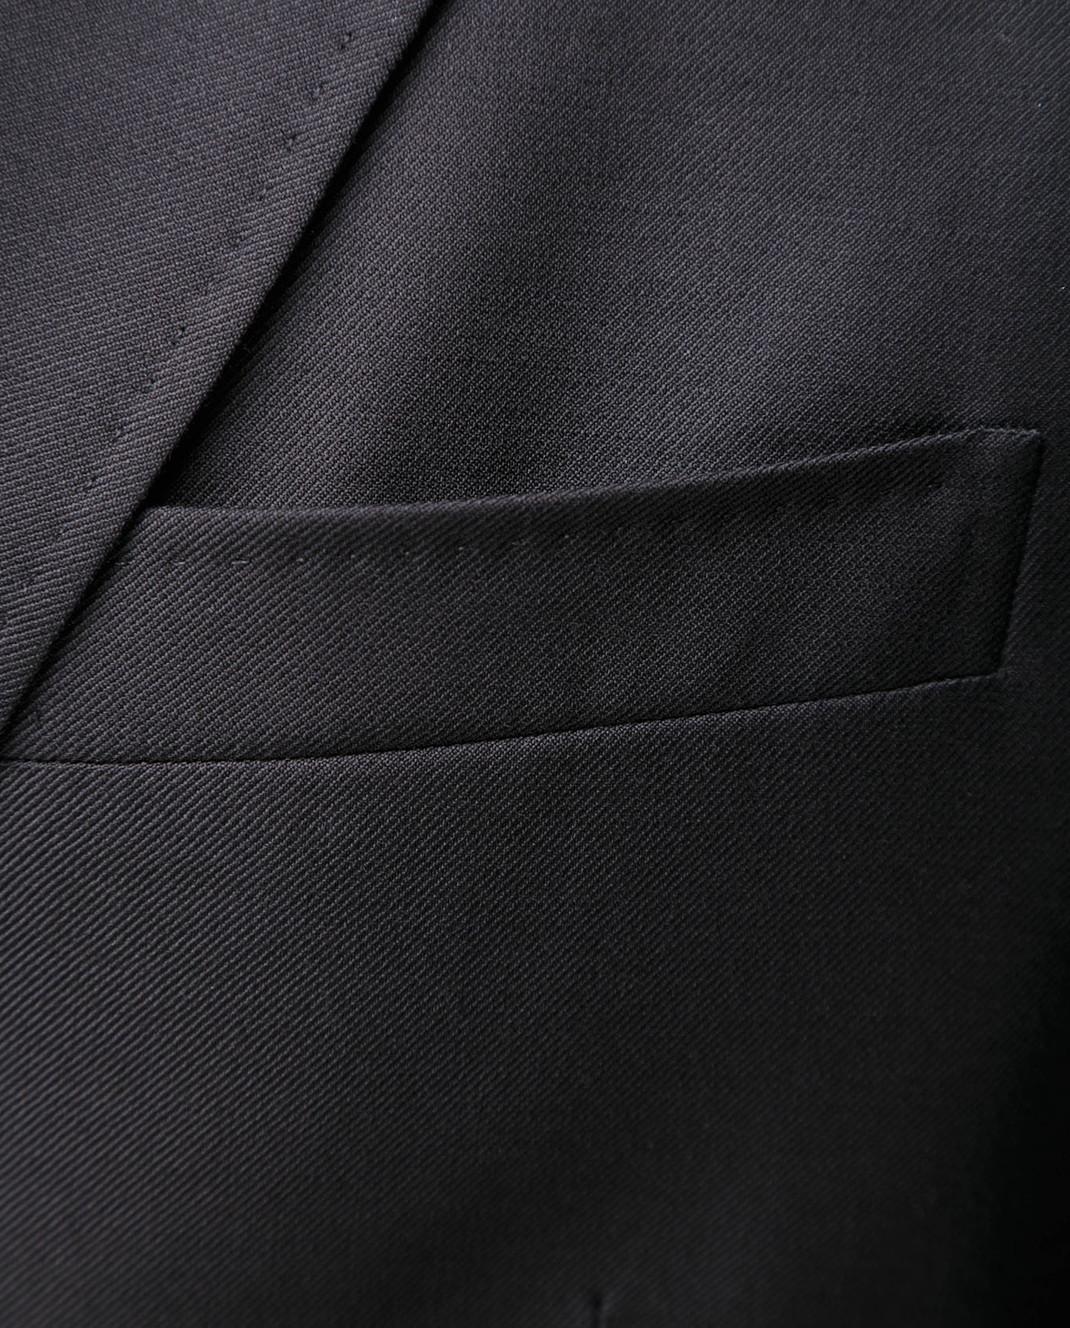 Gucci Черный костюм 406135 изображение 3